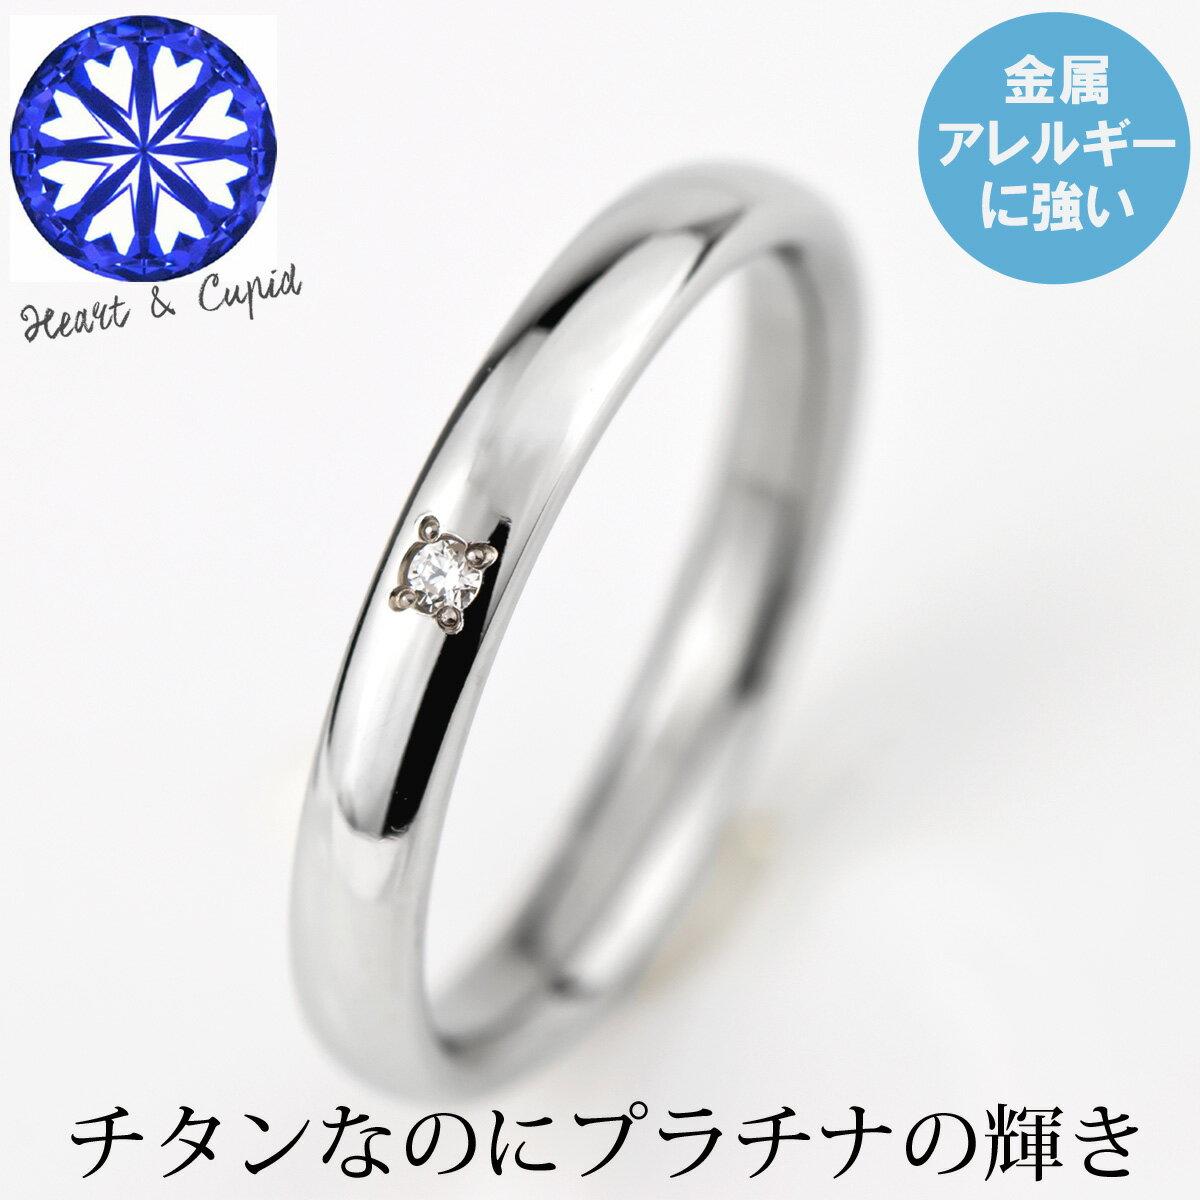 チタン 結婚指輪 マリッジリング ダイヤ 0.01ct プラチナ イオンプレーティング加工 日本製 単品 鏡面仕上げ 刻印無料 (文字彫り) 金属アレルギーにも強い アレルギーフリー 安心 ブライダルリング 刻印可能 ハート&キューピット ダイヤモンド